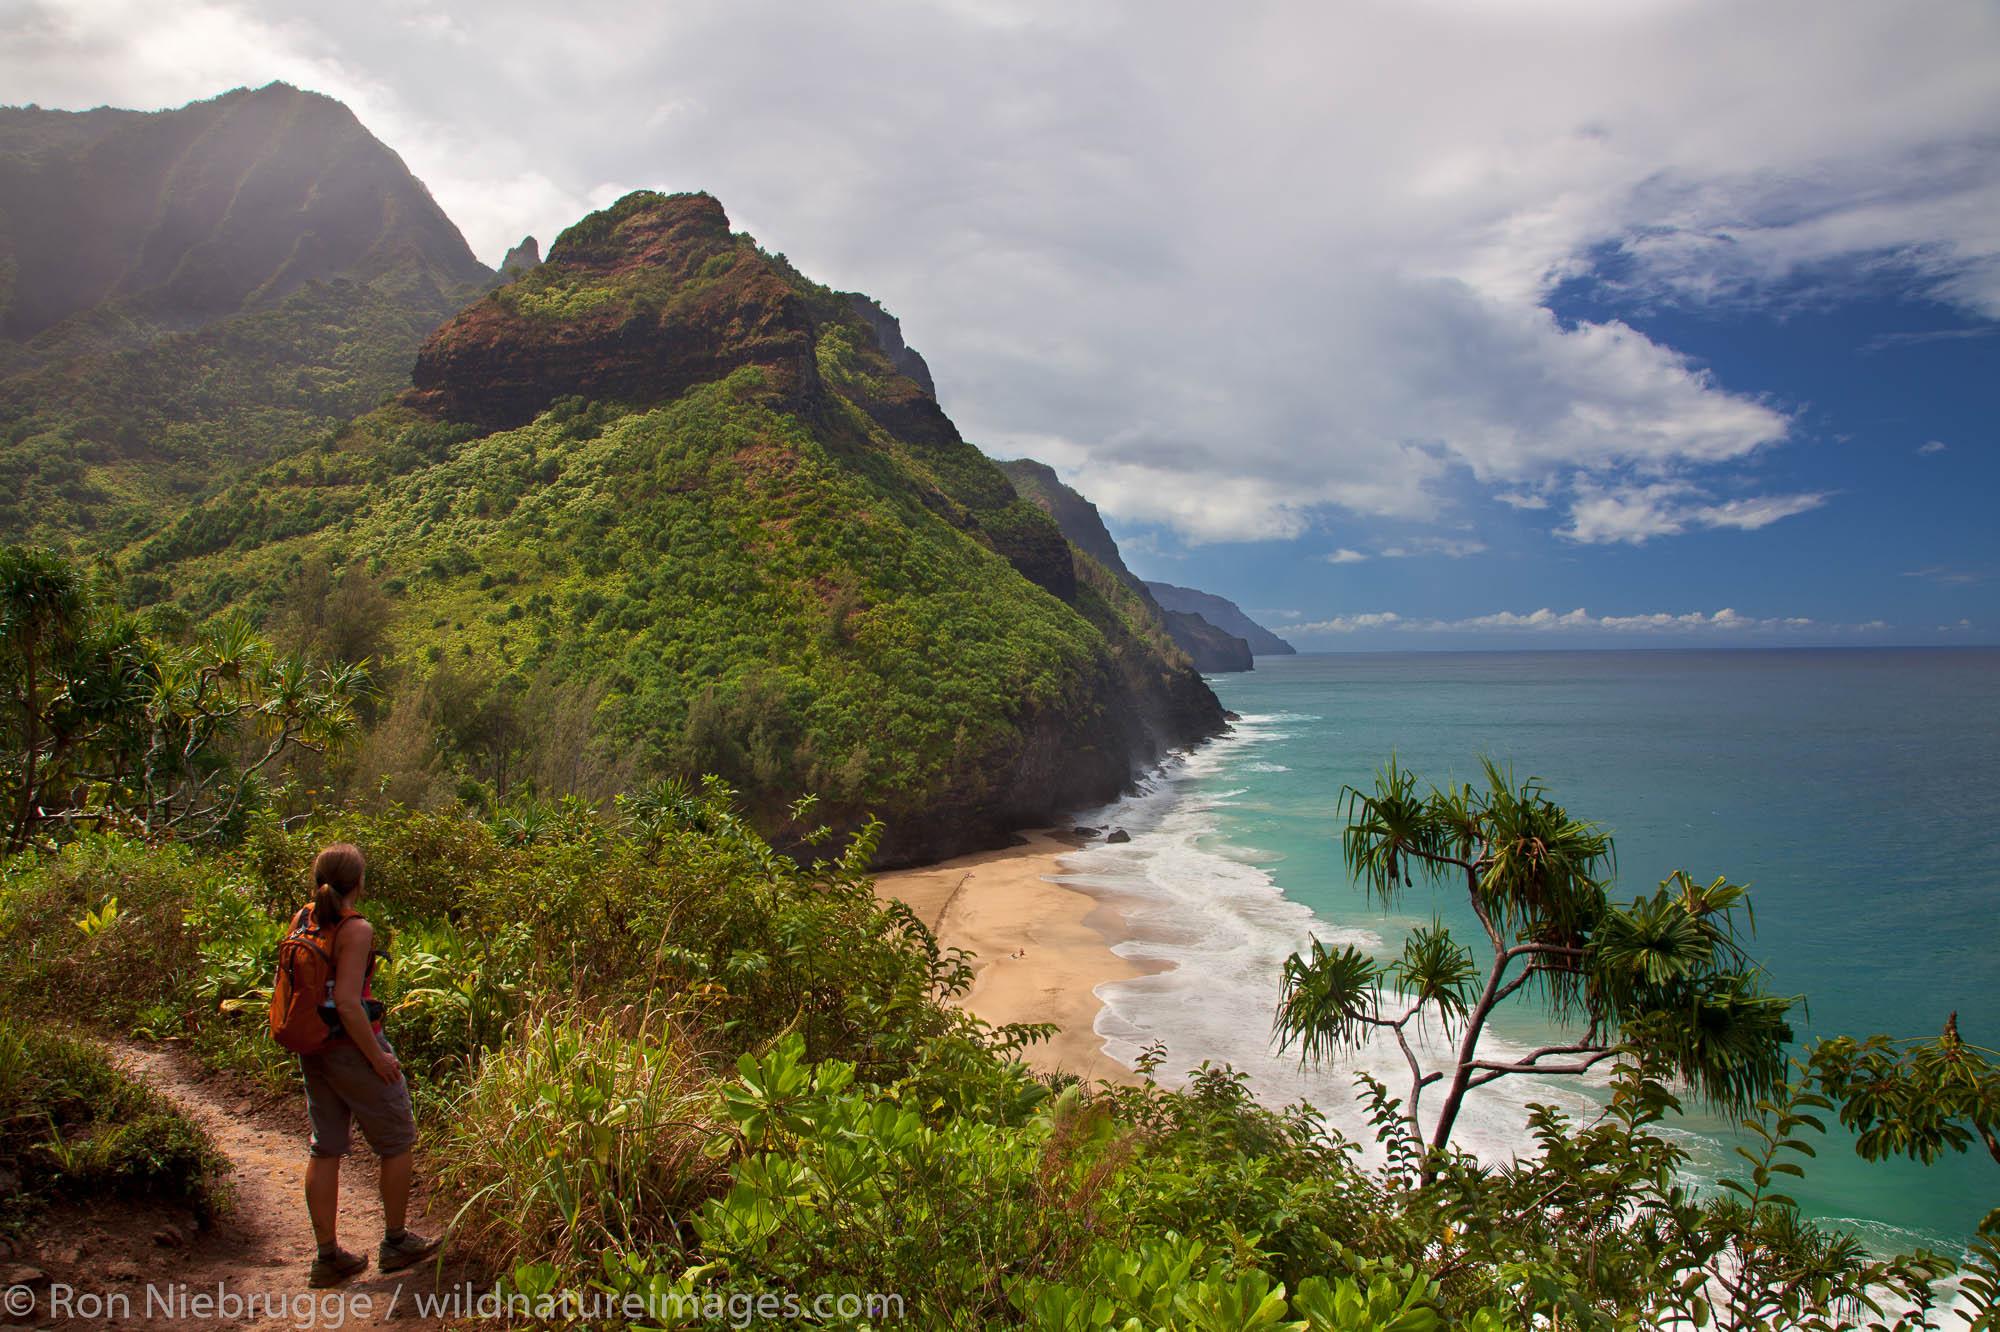 Hiker looks out to the Na Pali Coast from the Kalalau Trail near Hanakapi'ai Beach, Kauai, Hawaii. (Model Released)